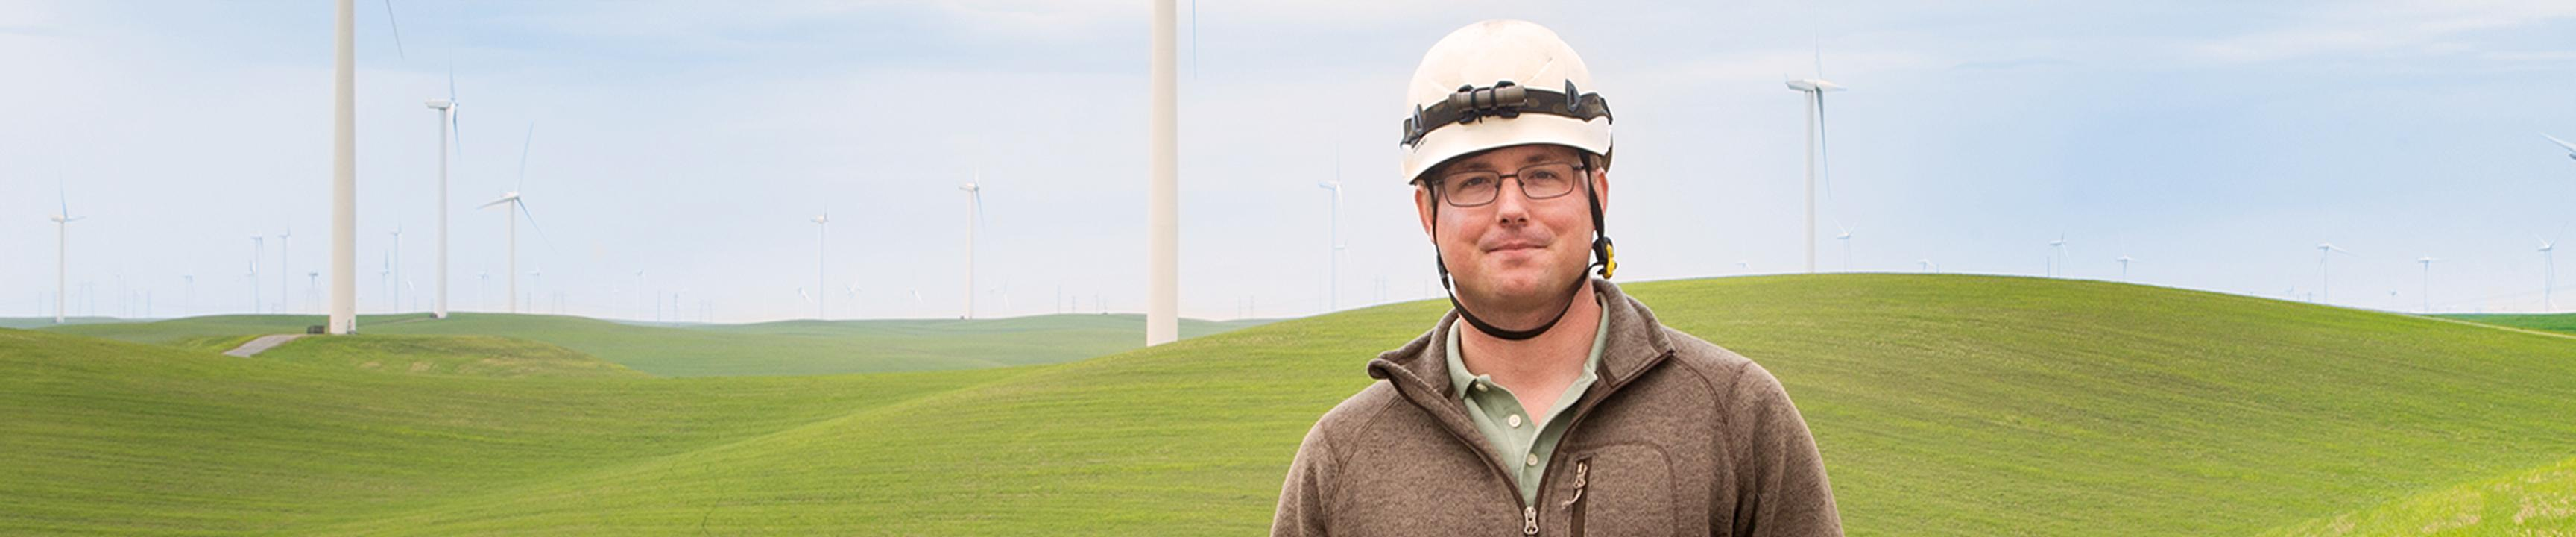 Công nhân SFPUC tại trang trại gió Bay Area